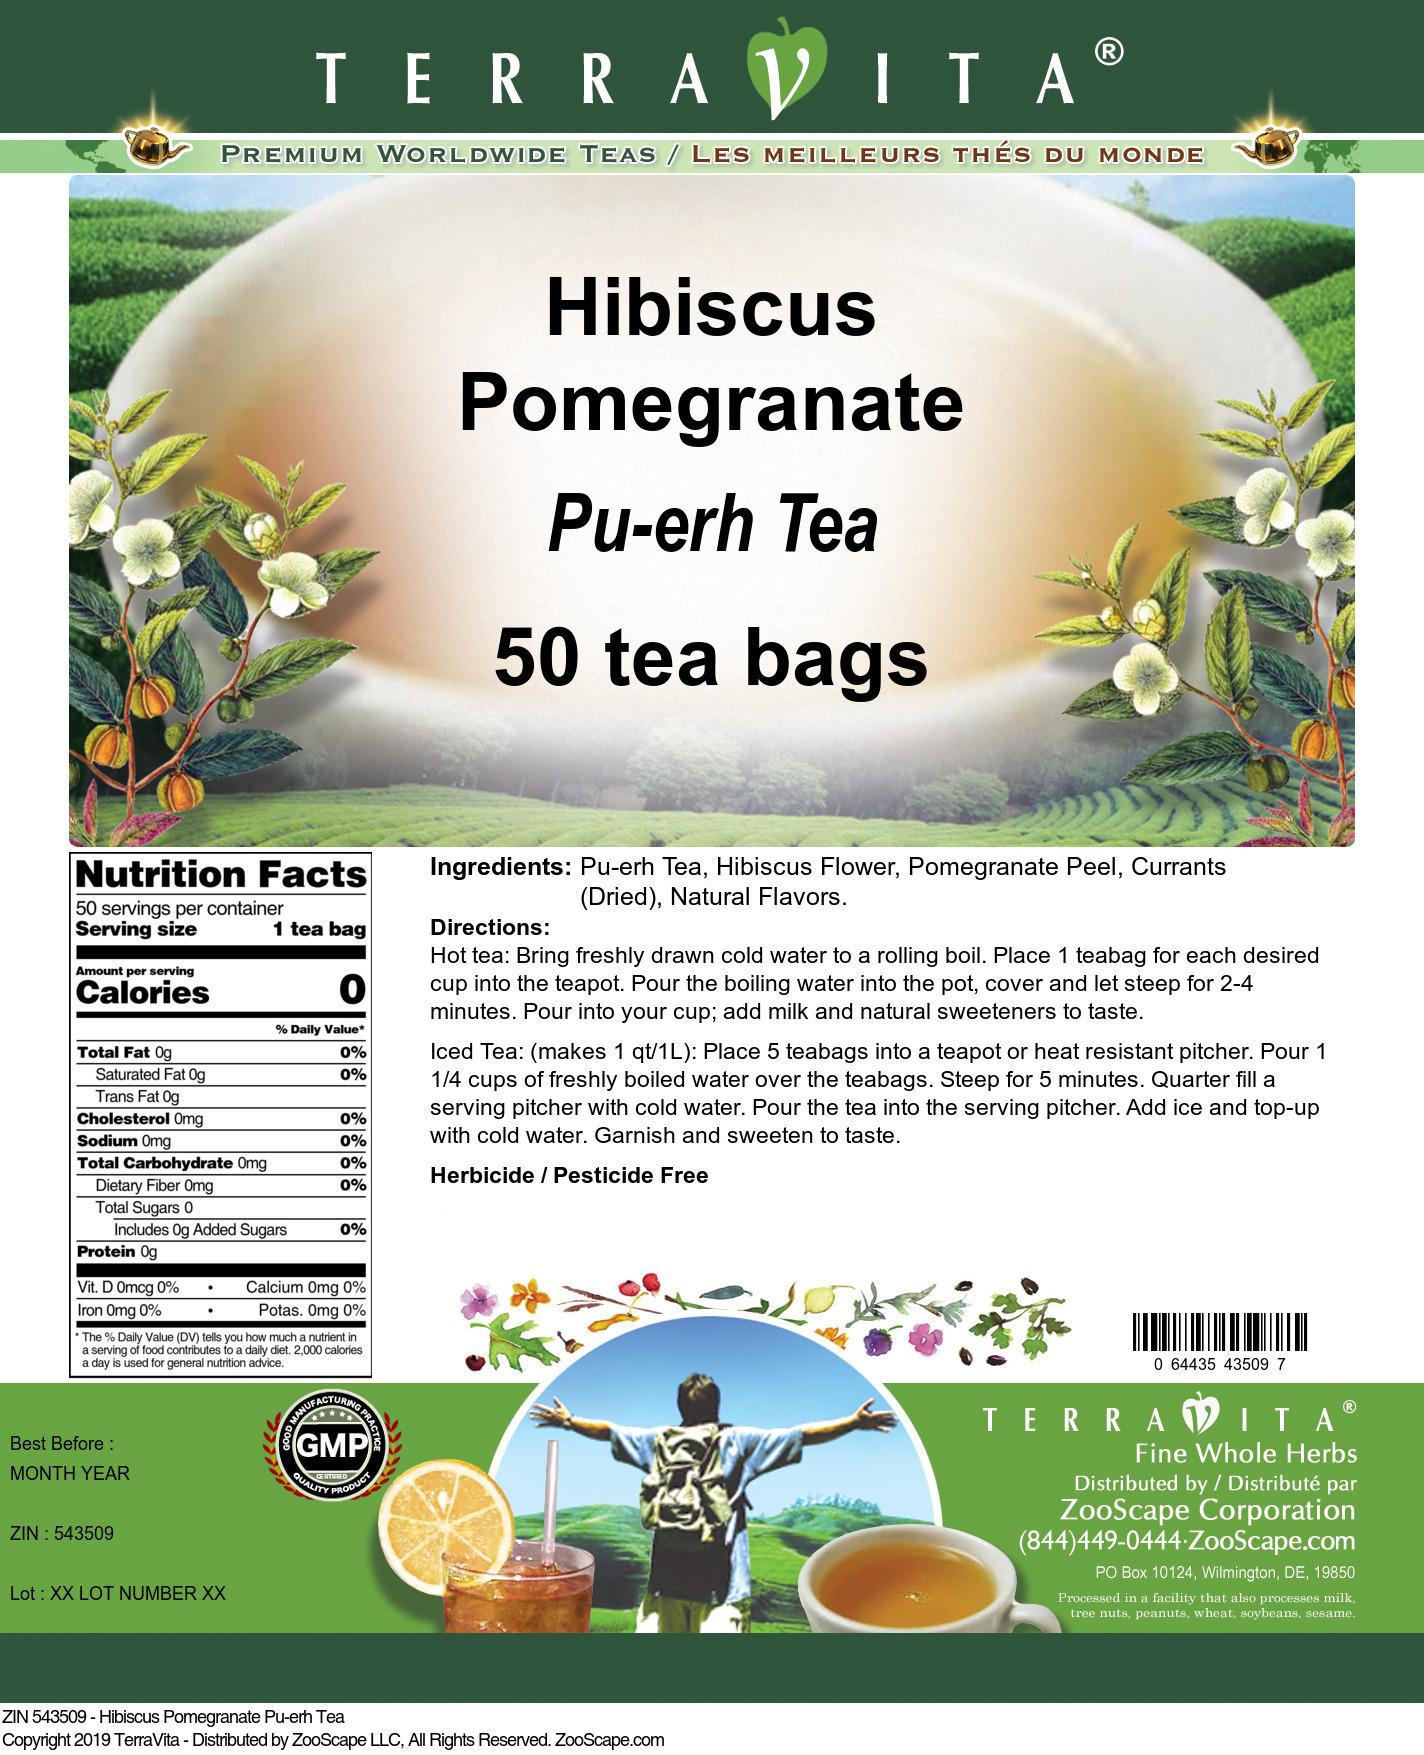 Hibiscus Pomegranate Pu-erh Tea